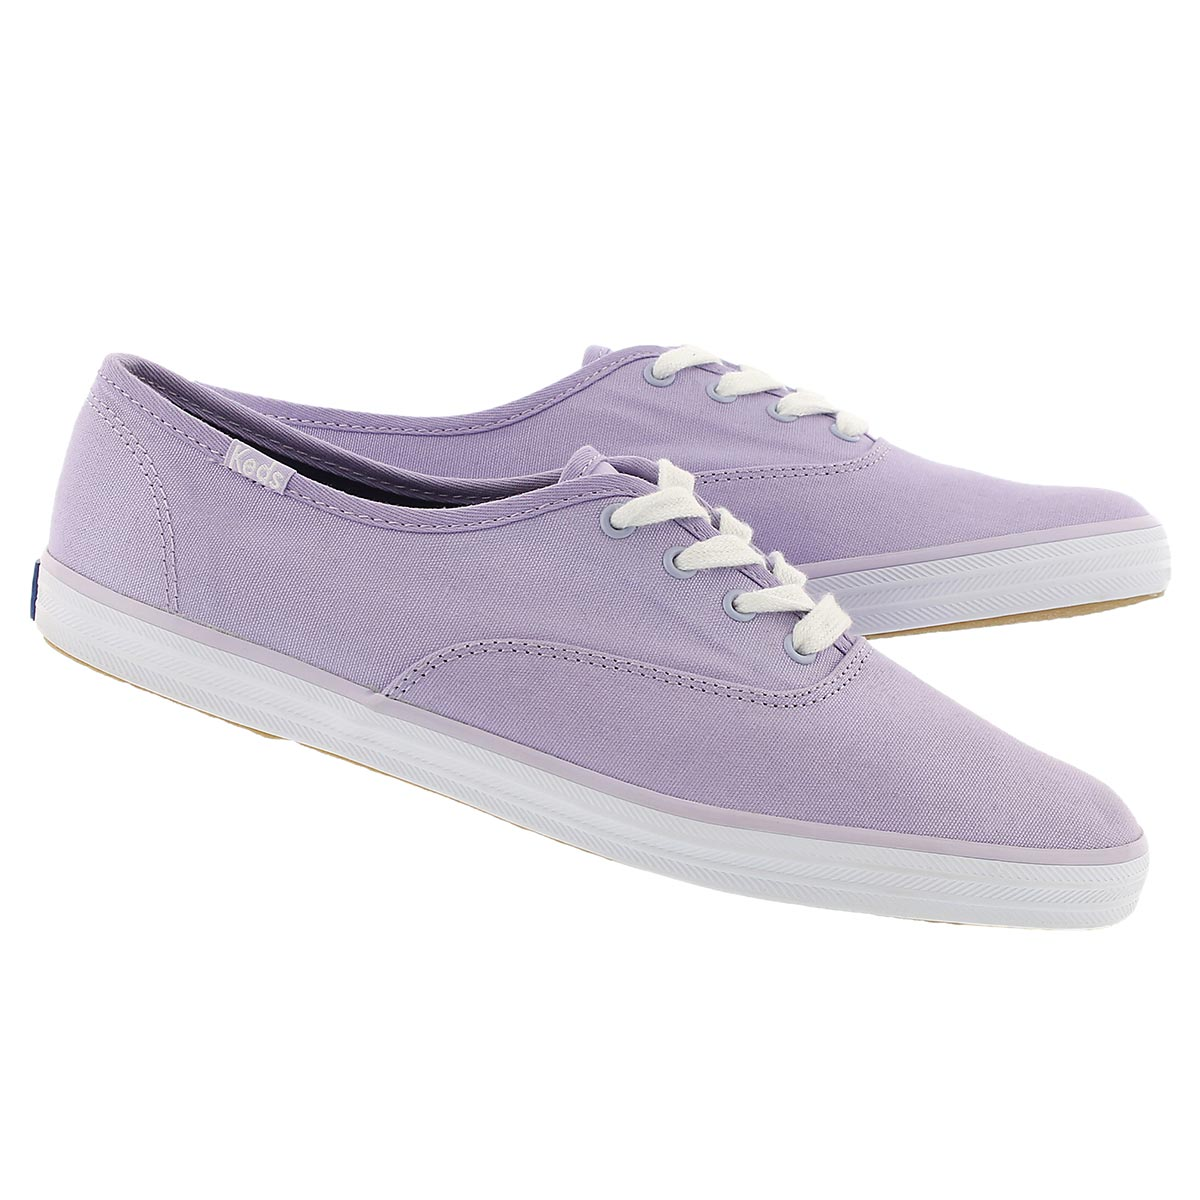 Lds Champion lavender canvas sneaker